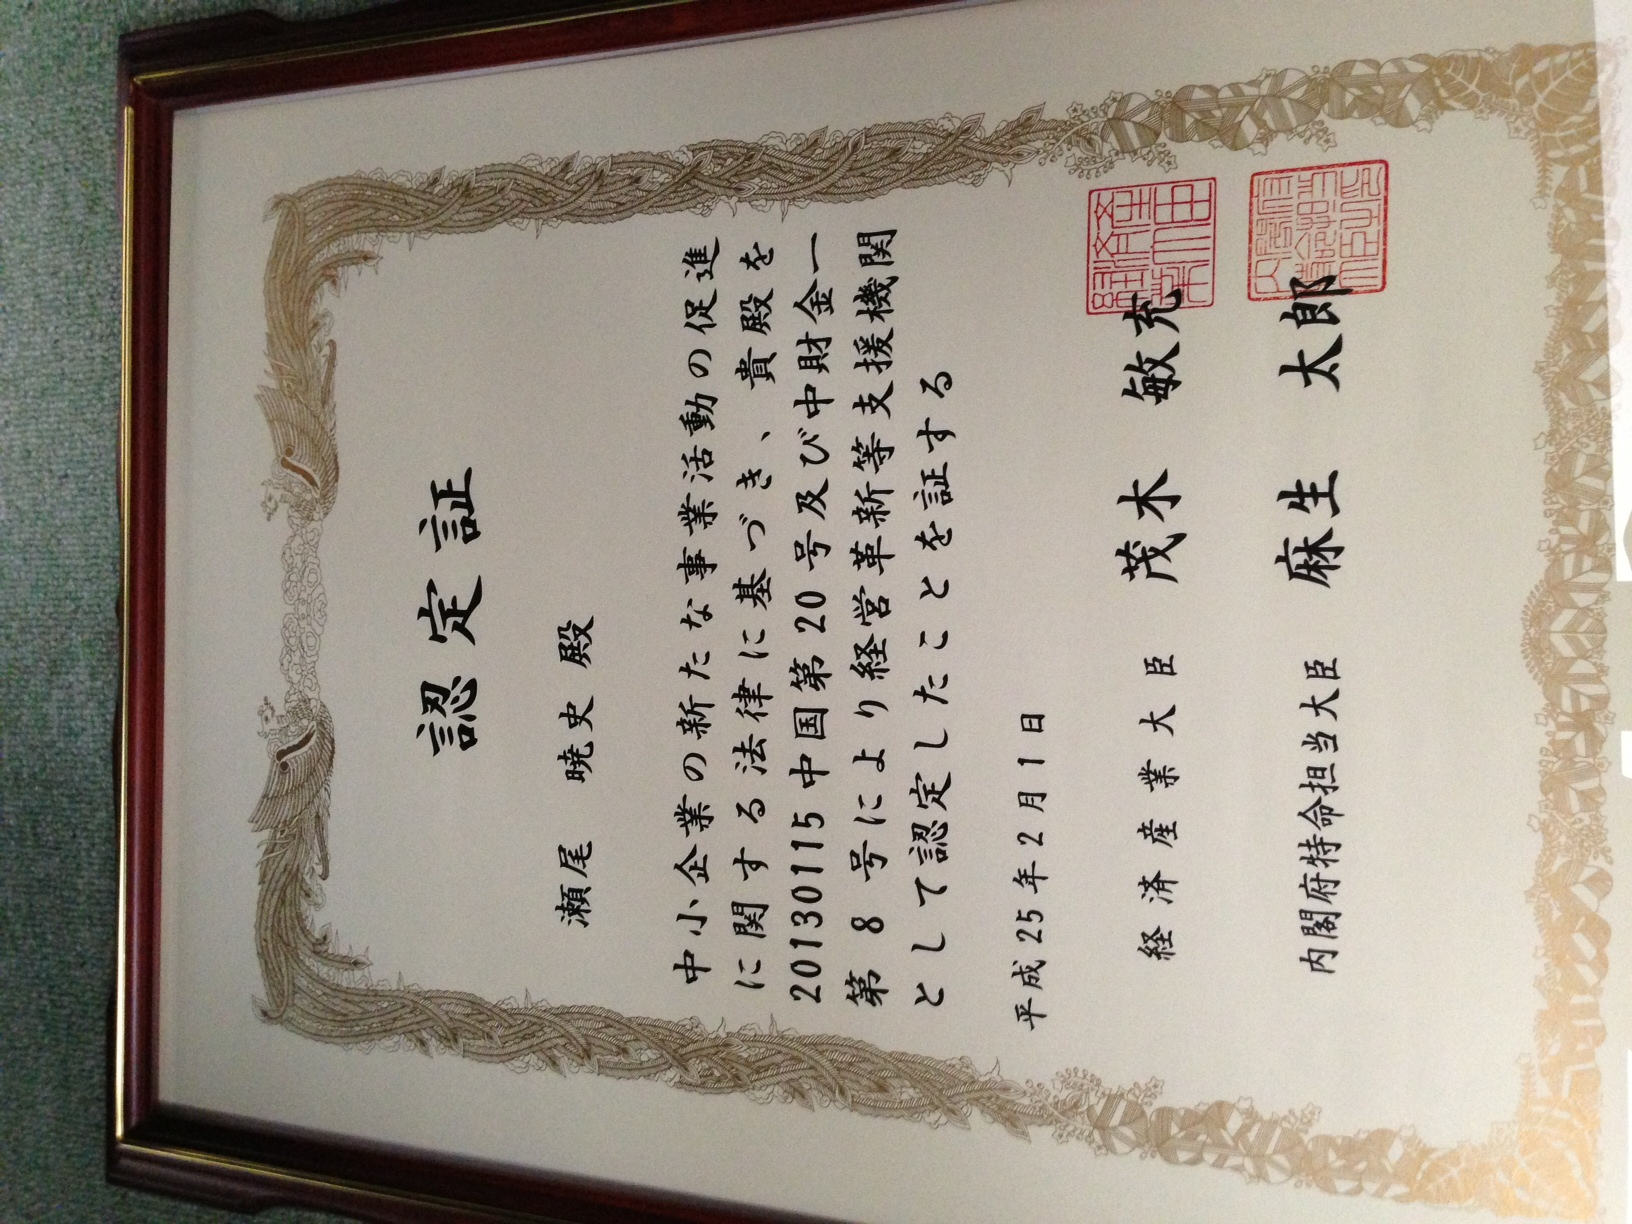 経営革新等支援機関の認定を受けました。